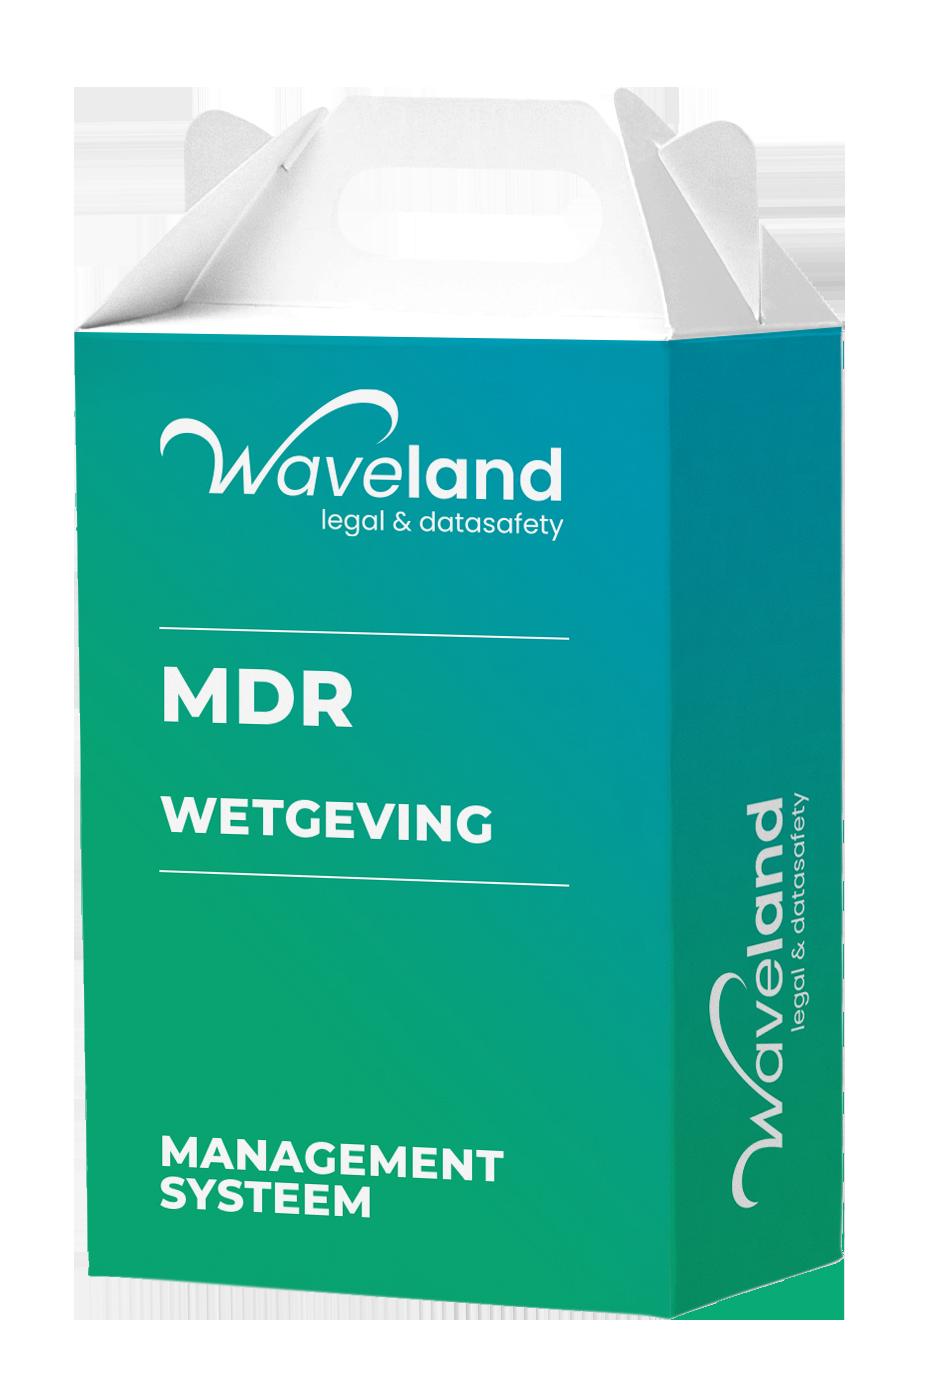 MDR Wetgeving